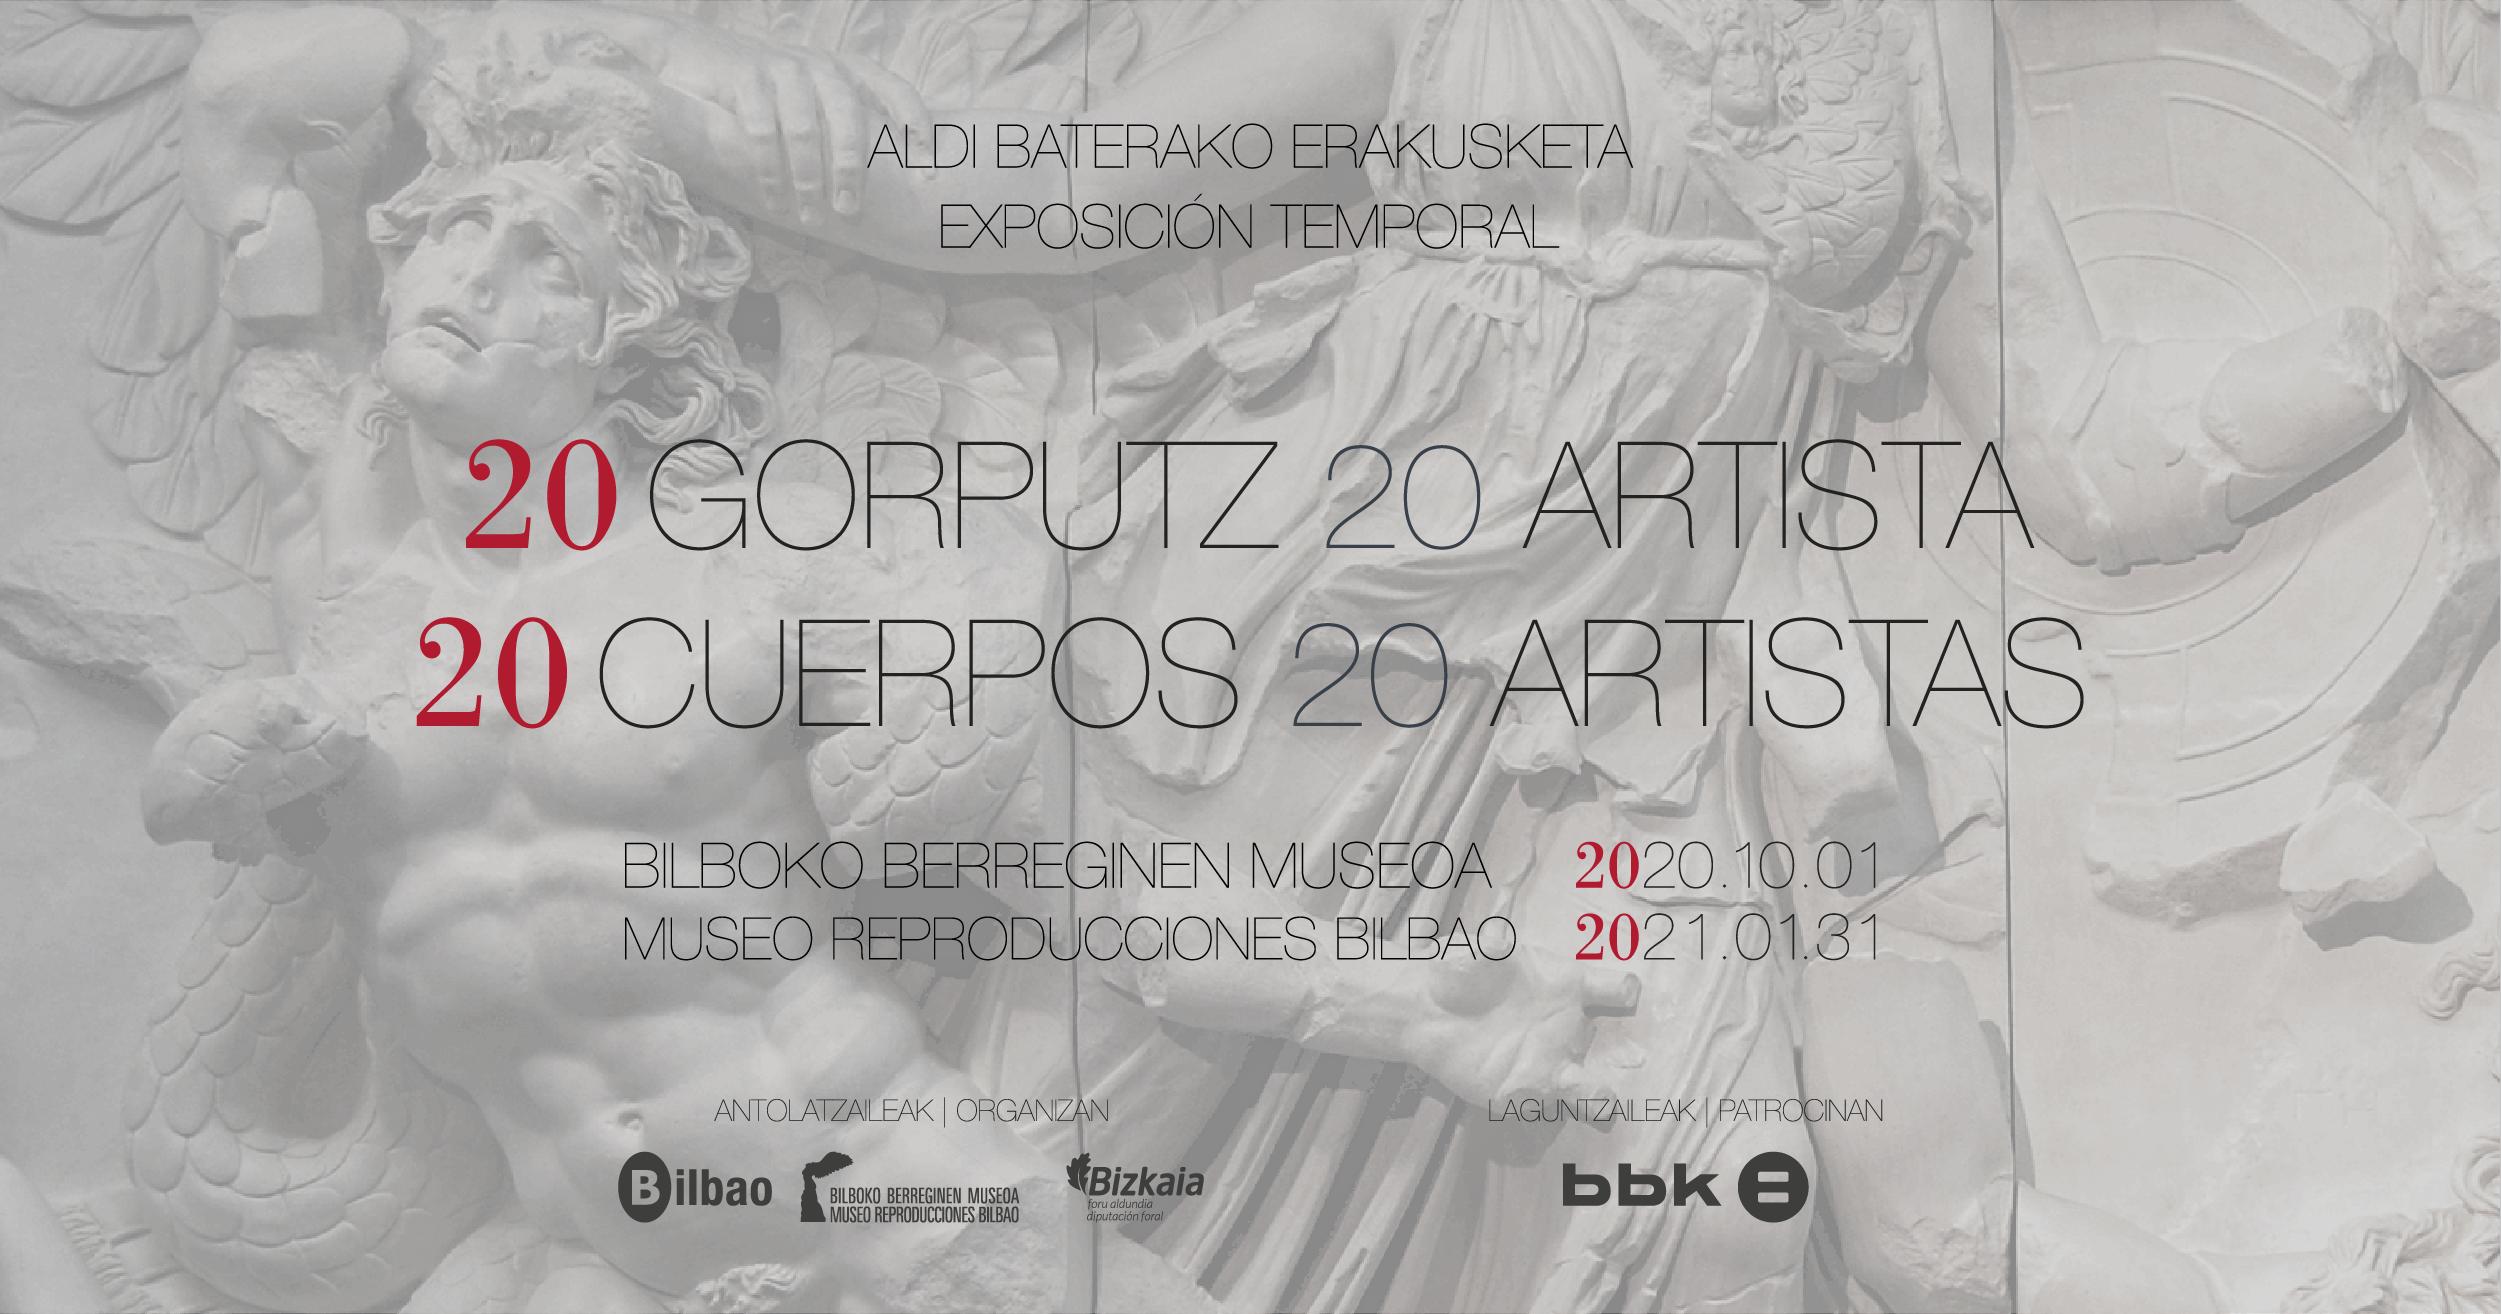 """El Museo de Reproducciones de Bilbao inicia su temporada expositiva mostrando """"20 cuerpos y 20 artis"""